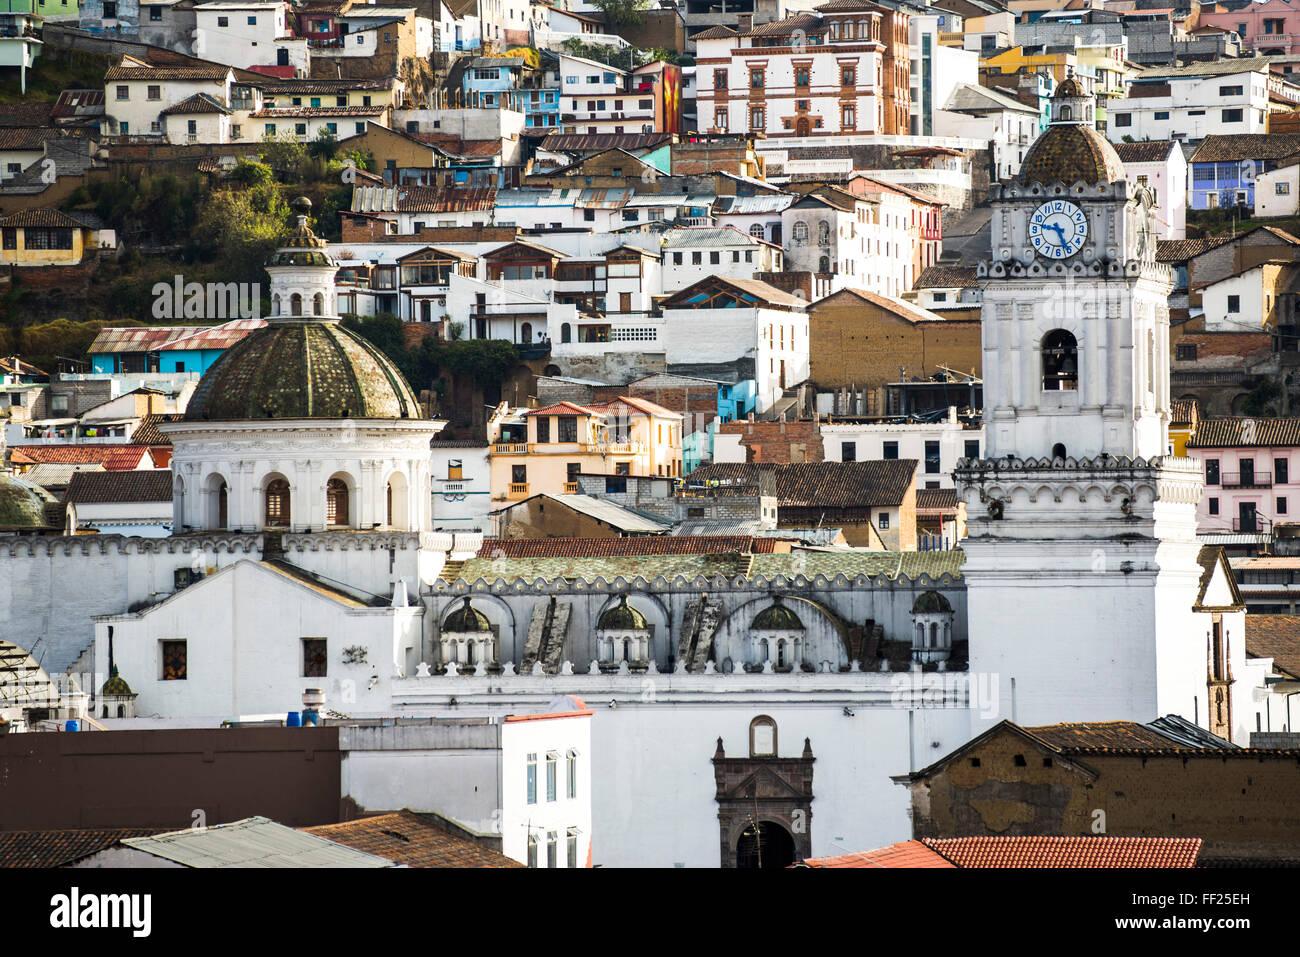 ArchitecturaRM detaiRMs al ORMd città di Quito, WorRMd UNESCO Patrimonio dell'Umanità, Ecuador, Sud Immagini Stock